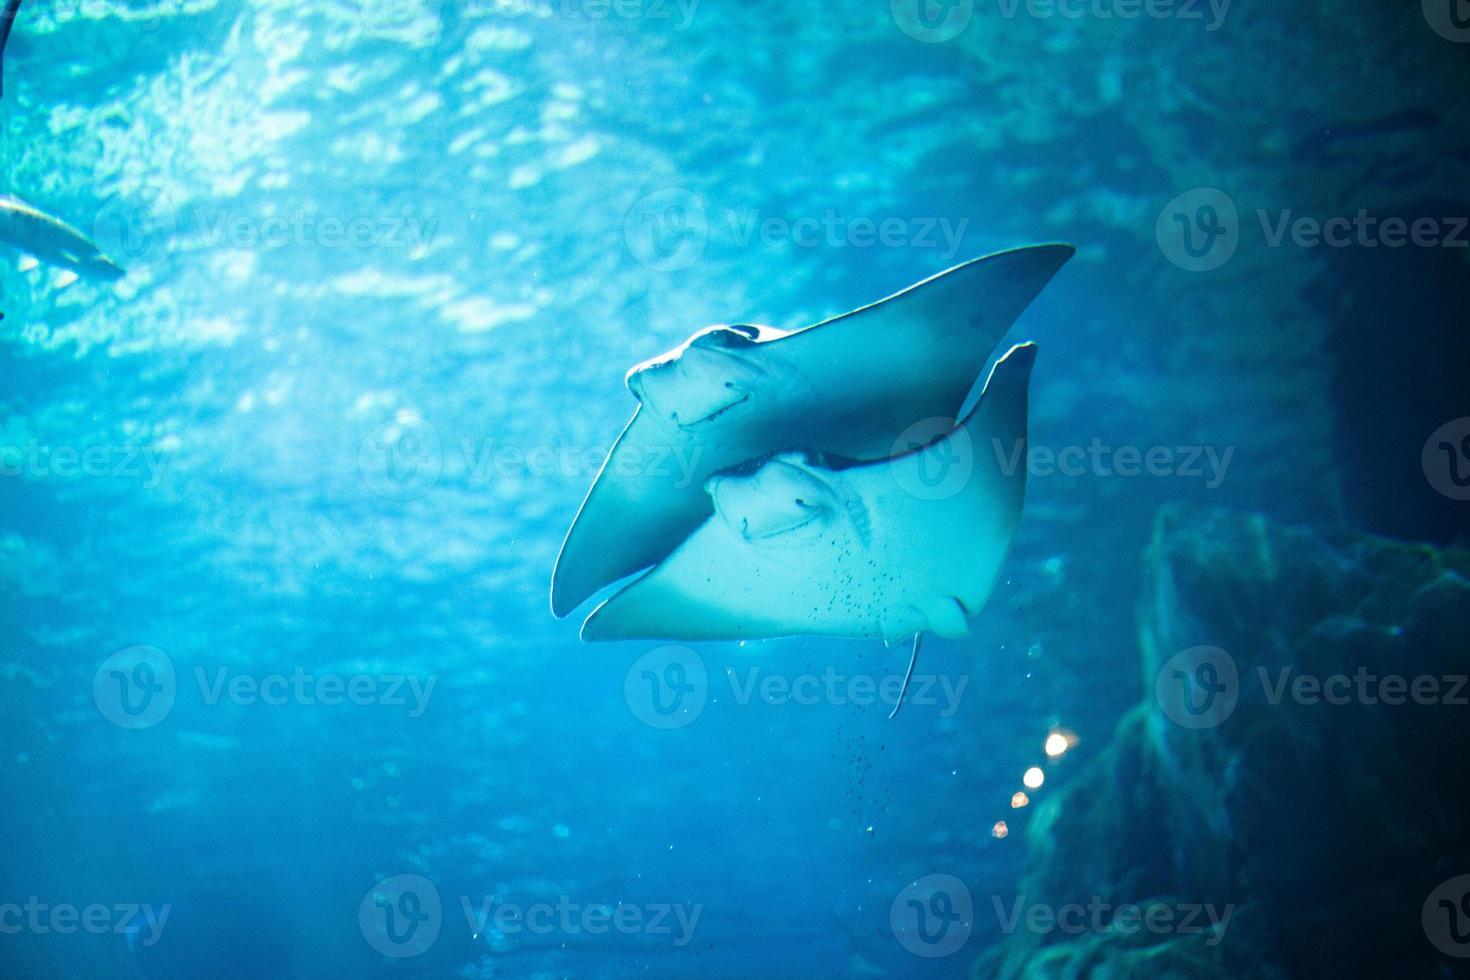 Stingray peces nadando libres en el acuario foto